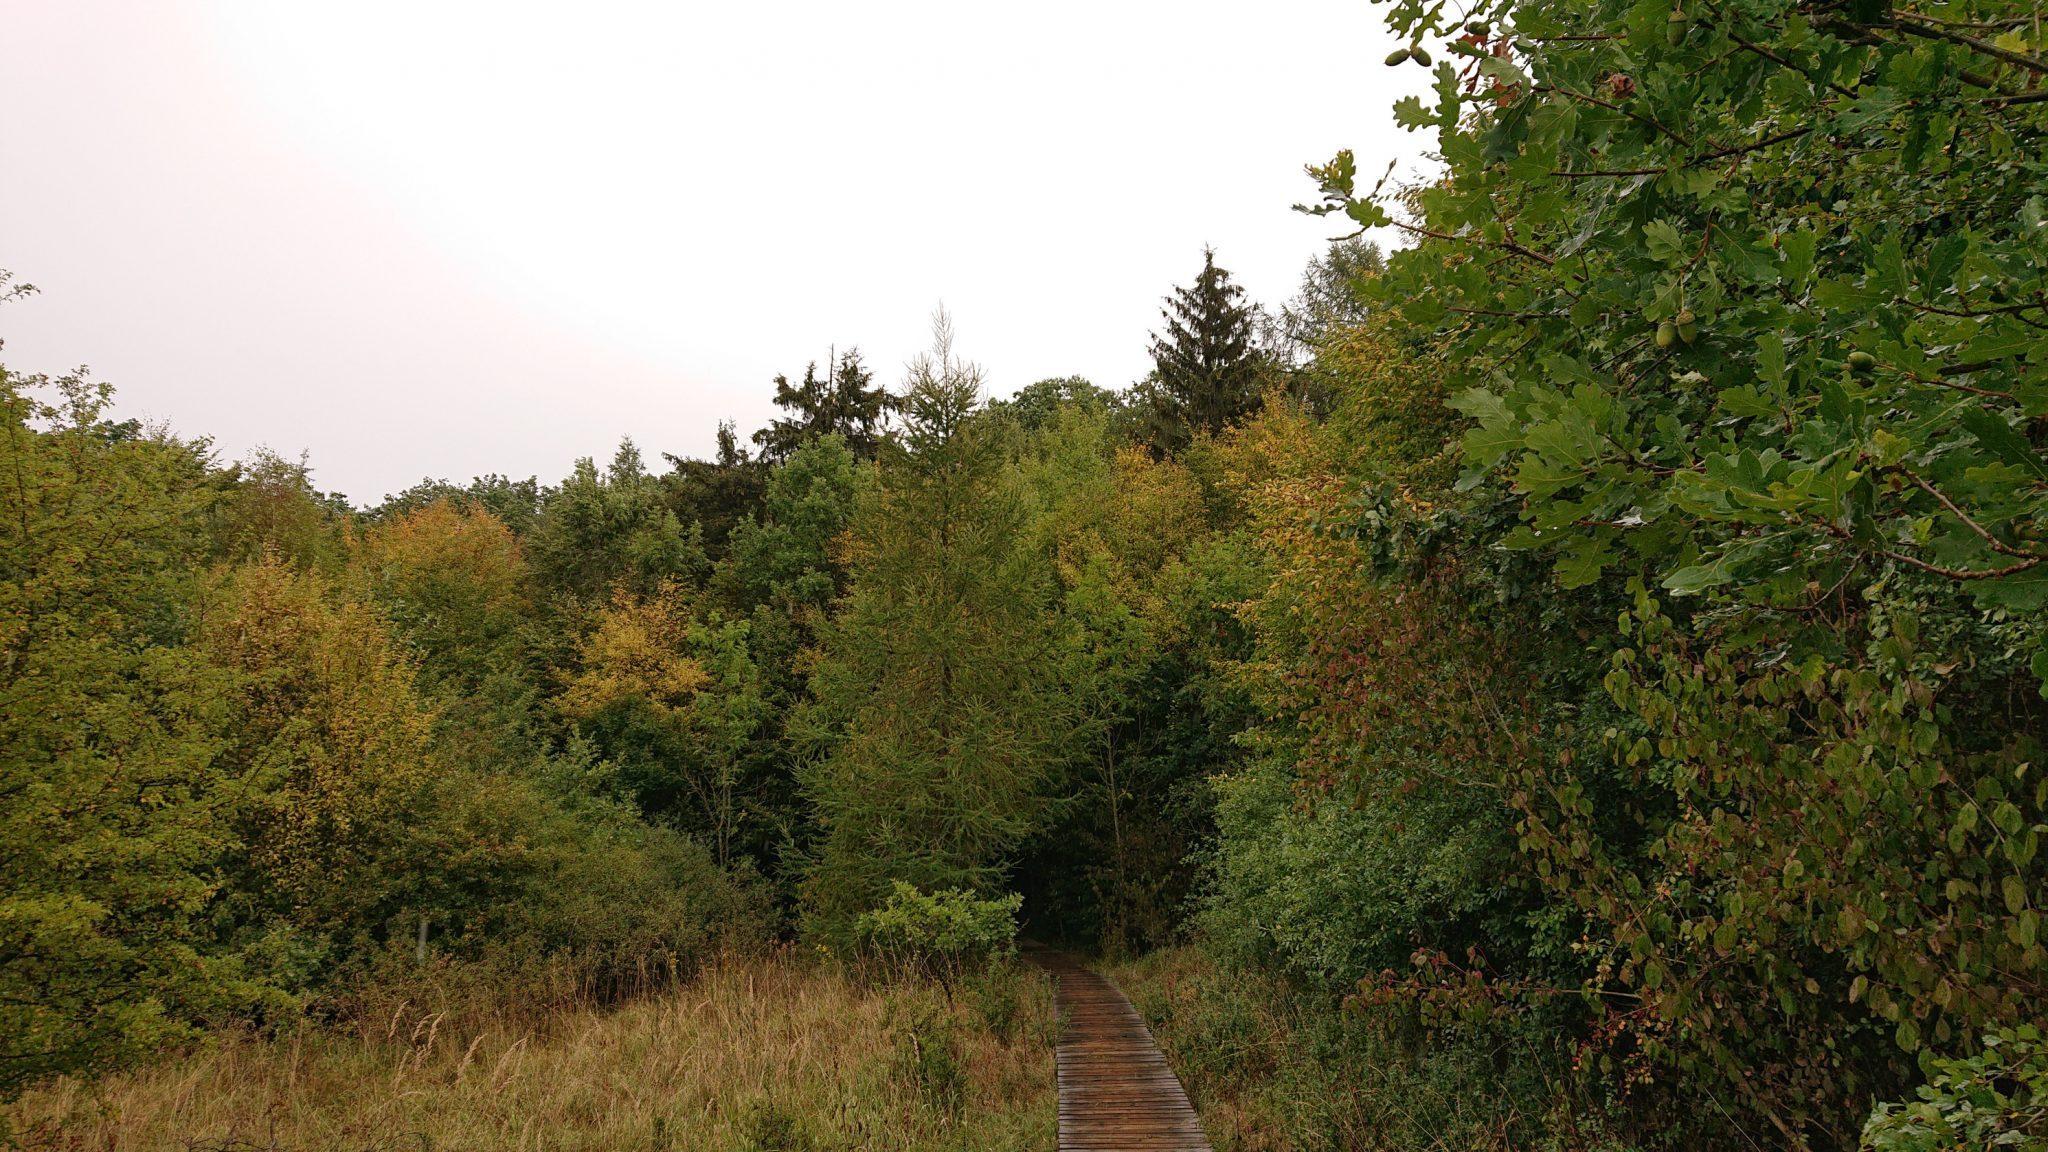 Nationalpark Hainich Saugrabenweg und Betteleichenweg wandern, dichter, ursprünglicher Buchenwald